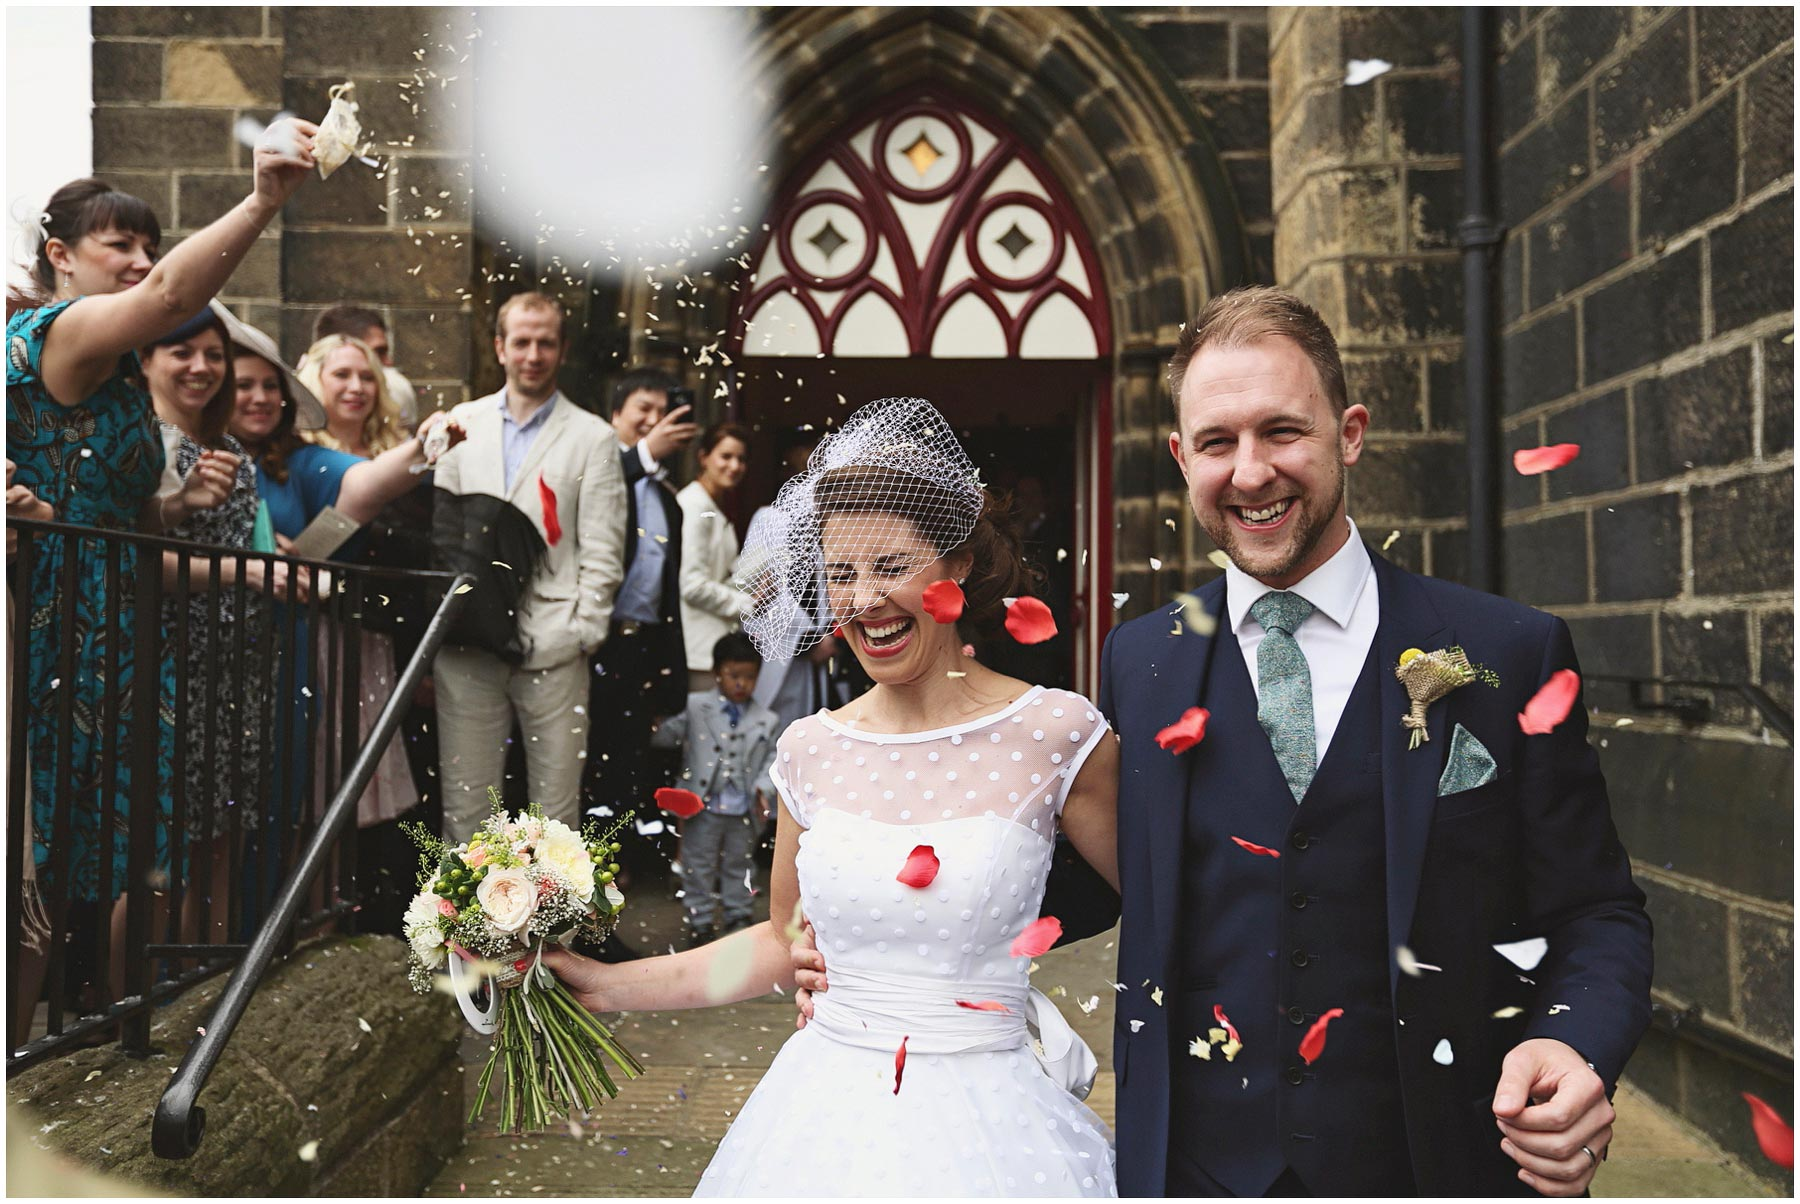 the-spiced-pear-wedding-photographer_0048